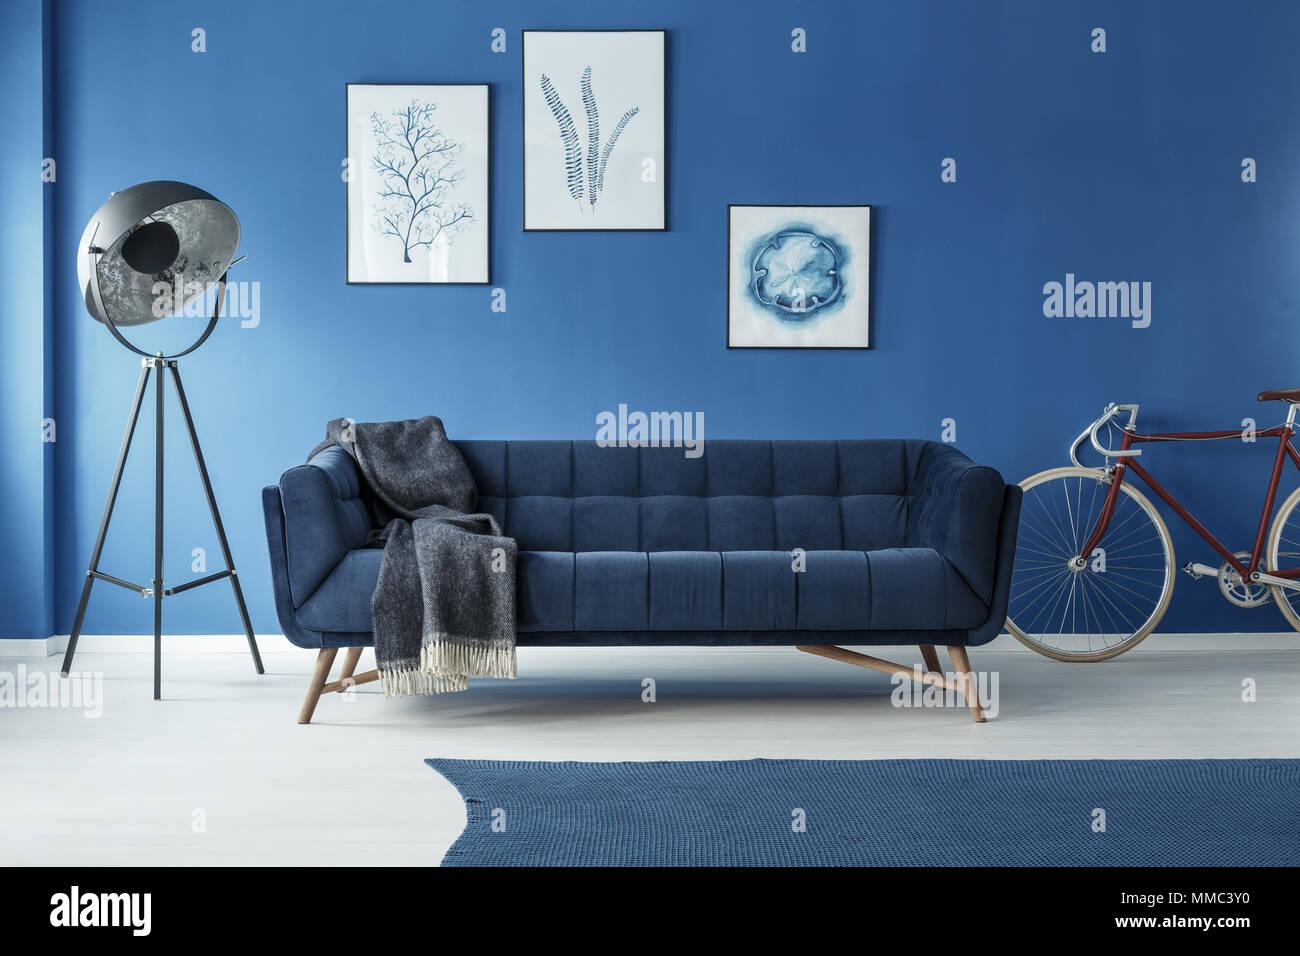 Rotes Fahrrad In Modernem Design Blau Wohnzimmer Mit Ausgefallenen